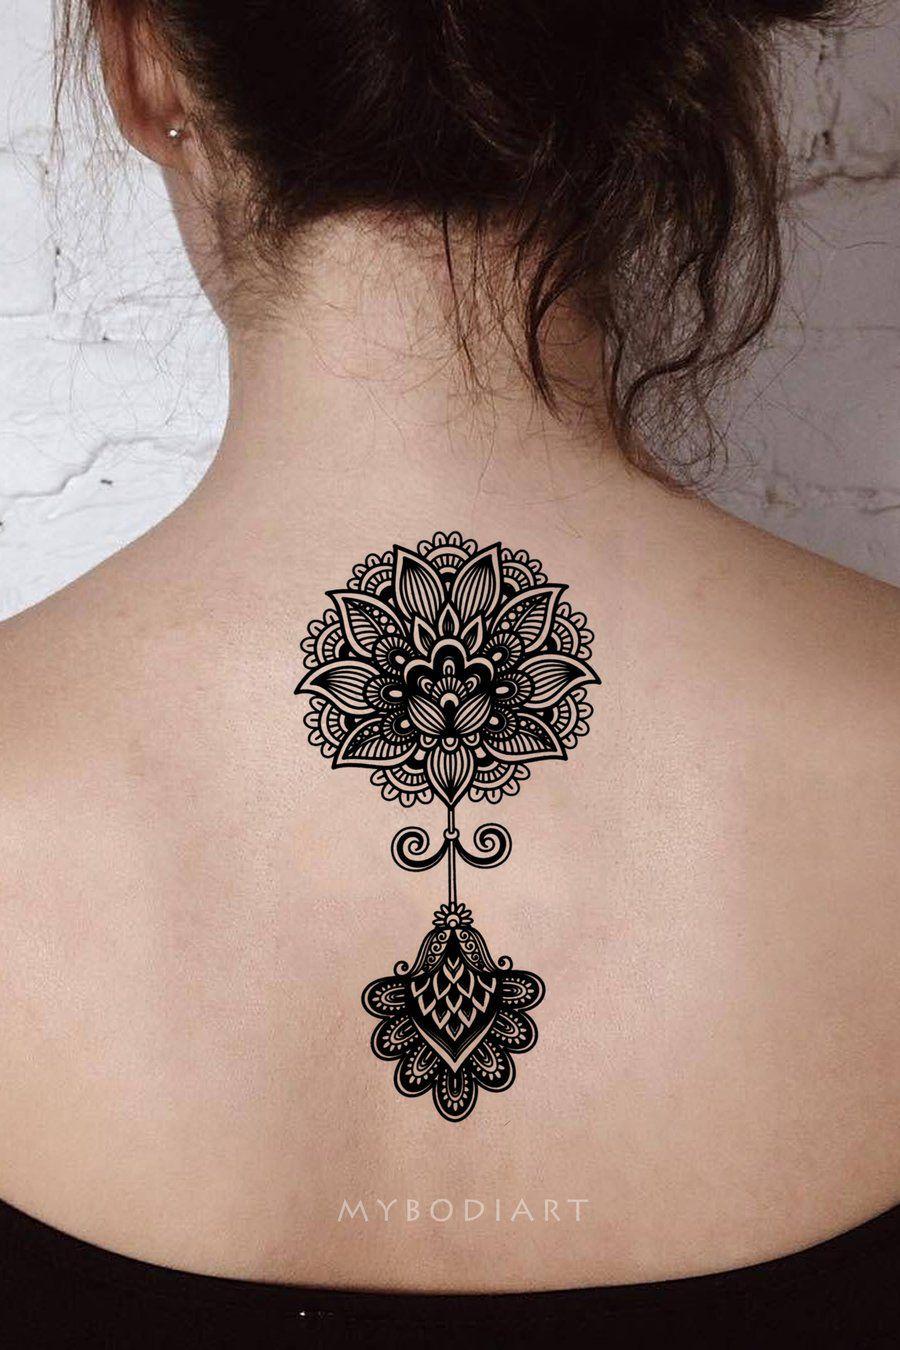 Aponi Black Henna Mandala Temporary Tattoo Tattoo S Tattoos